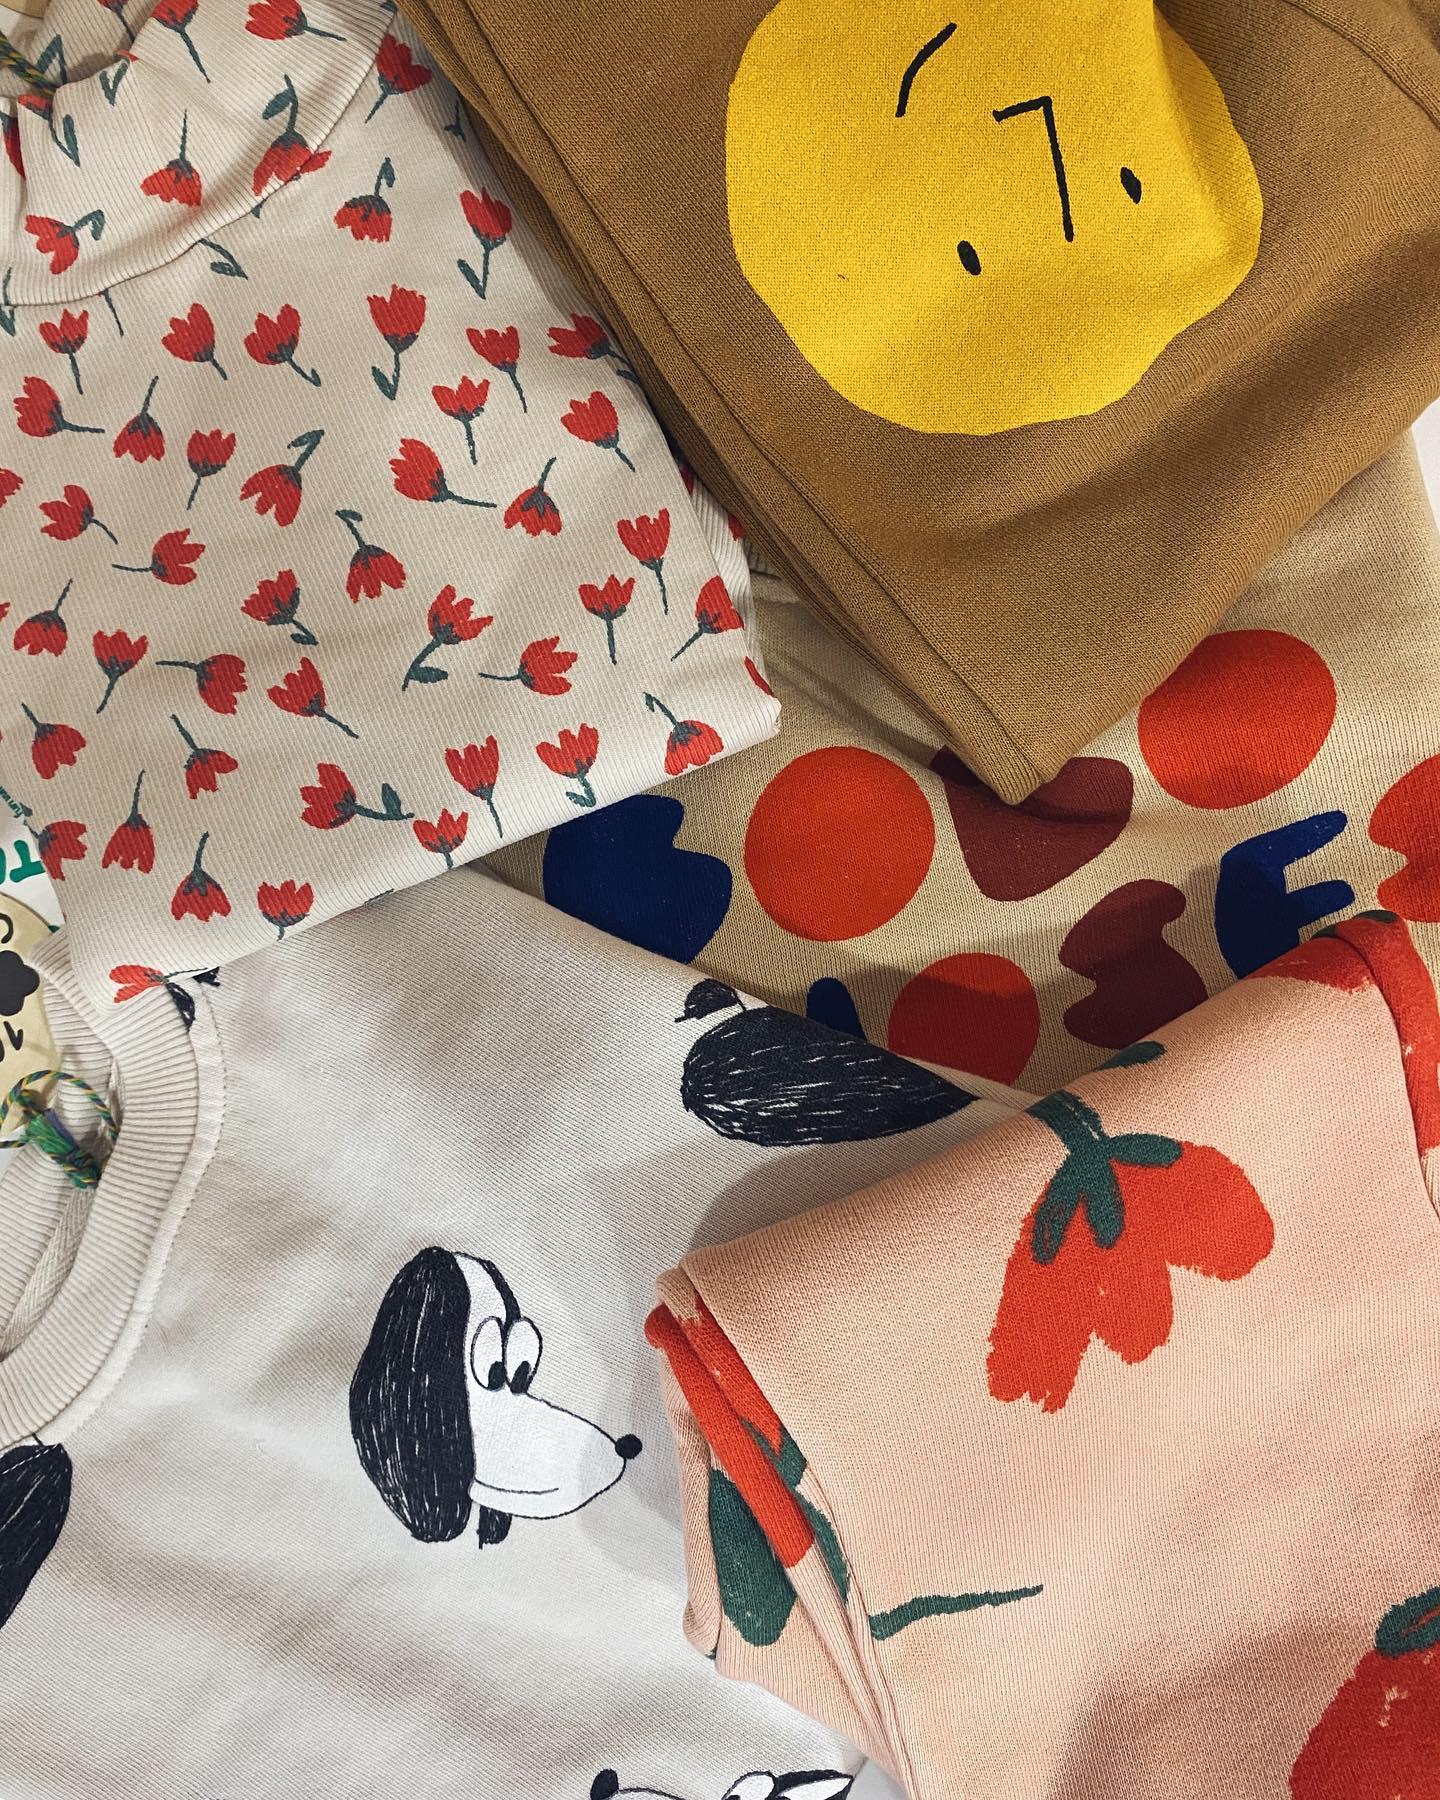 Naturalne materiały, najpiękniejsze printy, genialna jakość. Ubranka Bobo Choses mimo, iż nie są najtańsze to naprawdę są warte swojej ceny ???????? Uwielbiamy niezmiennie odkąd kupiliśmy pierwszą rzecz czyli od 2017 roku. Kto przybije piątkę????????? www.